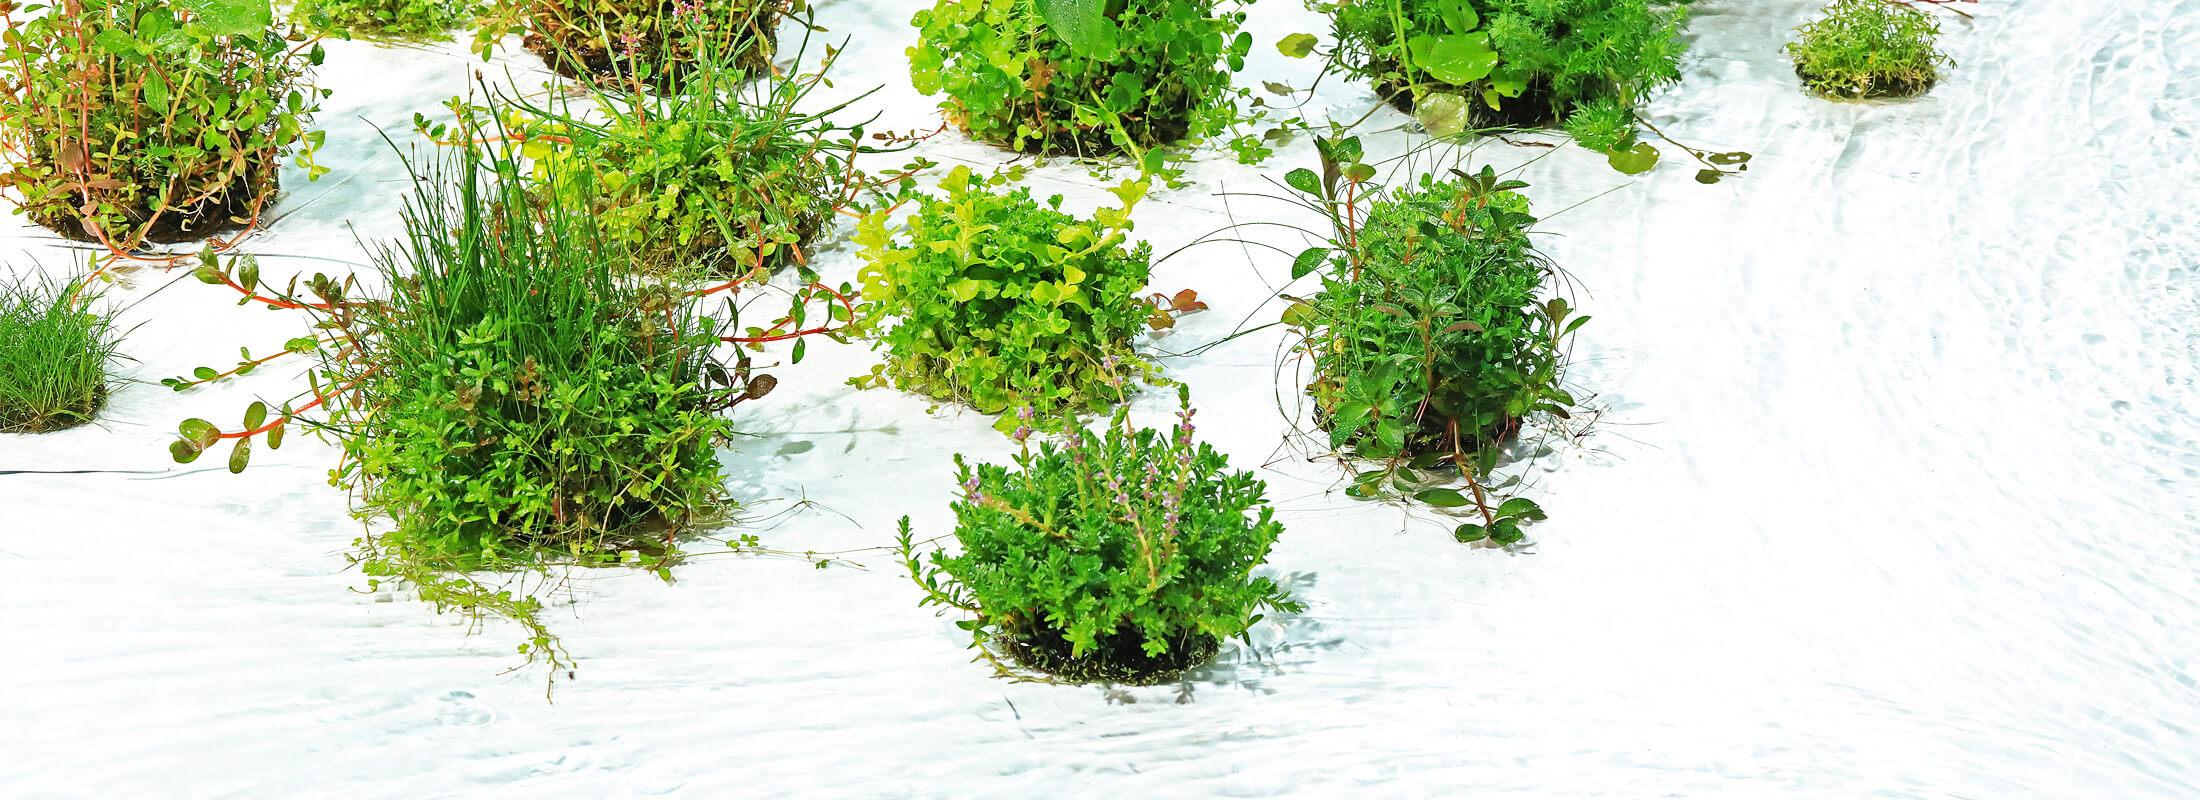 水草 水上 栽培